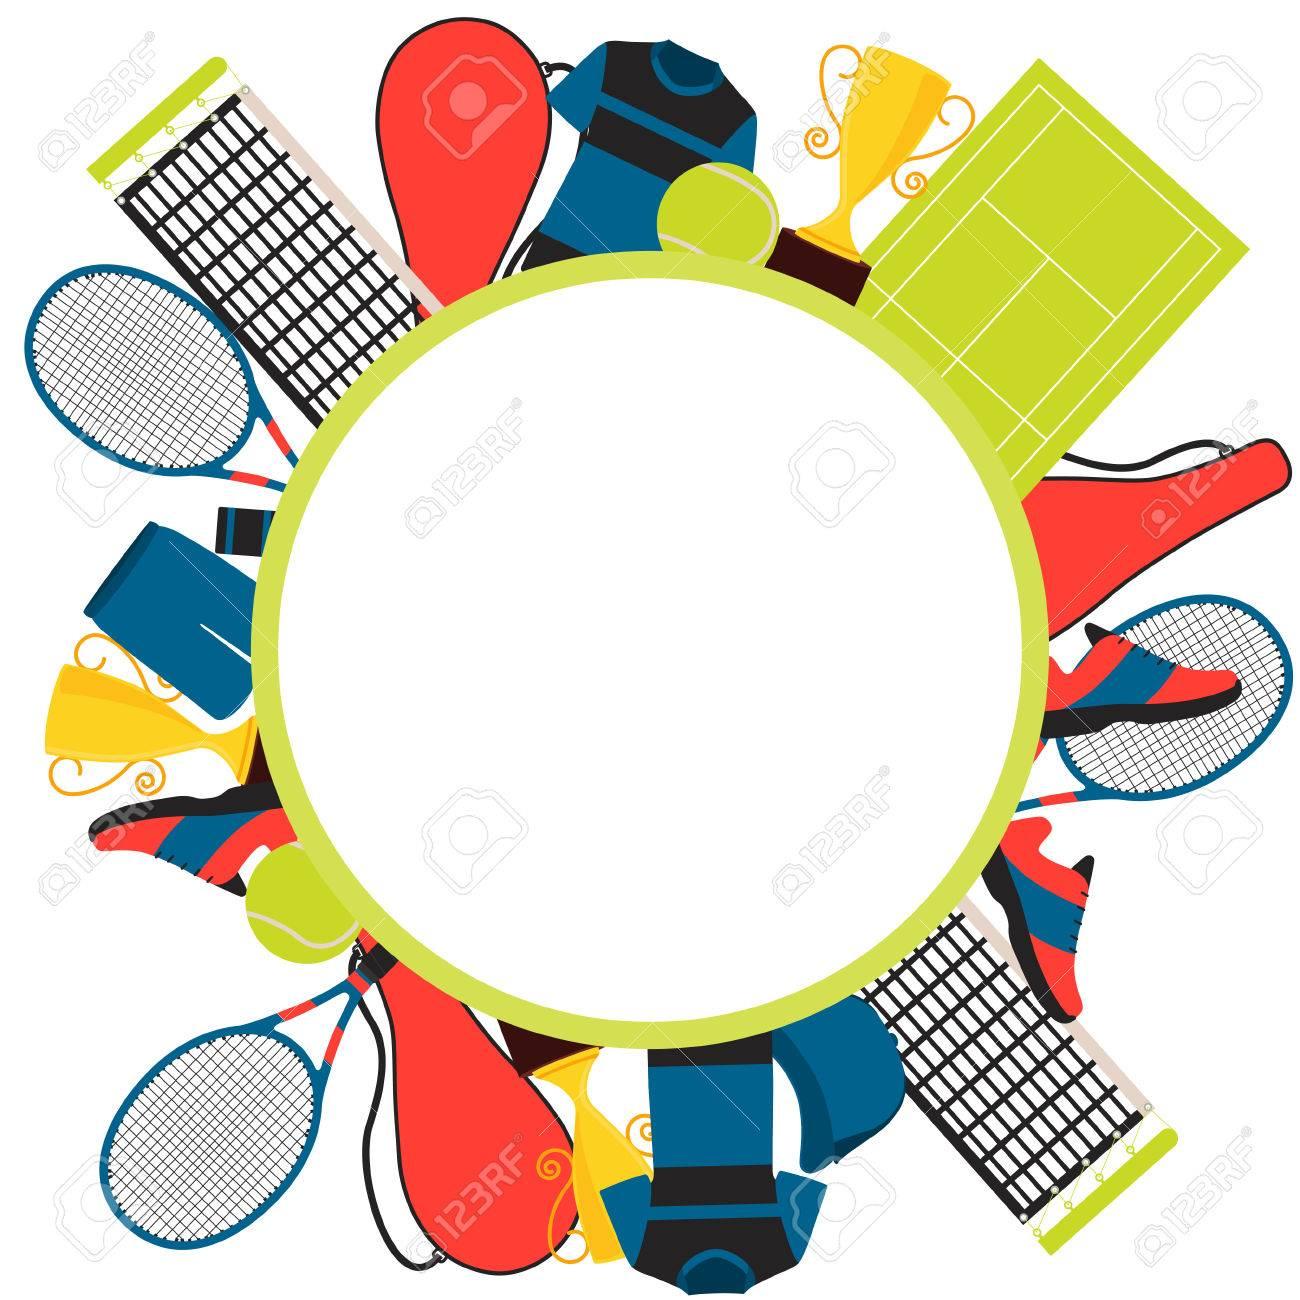 Rahmen Tennis. Kleidung Und Ausrüstung. Vektor-Illustration ...